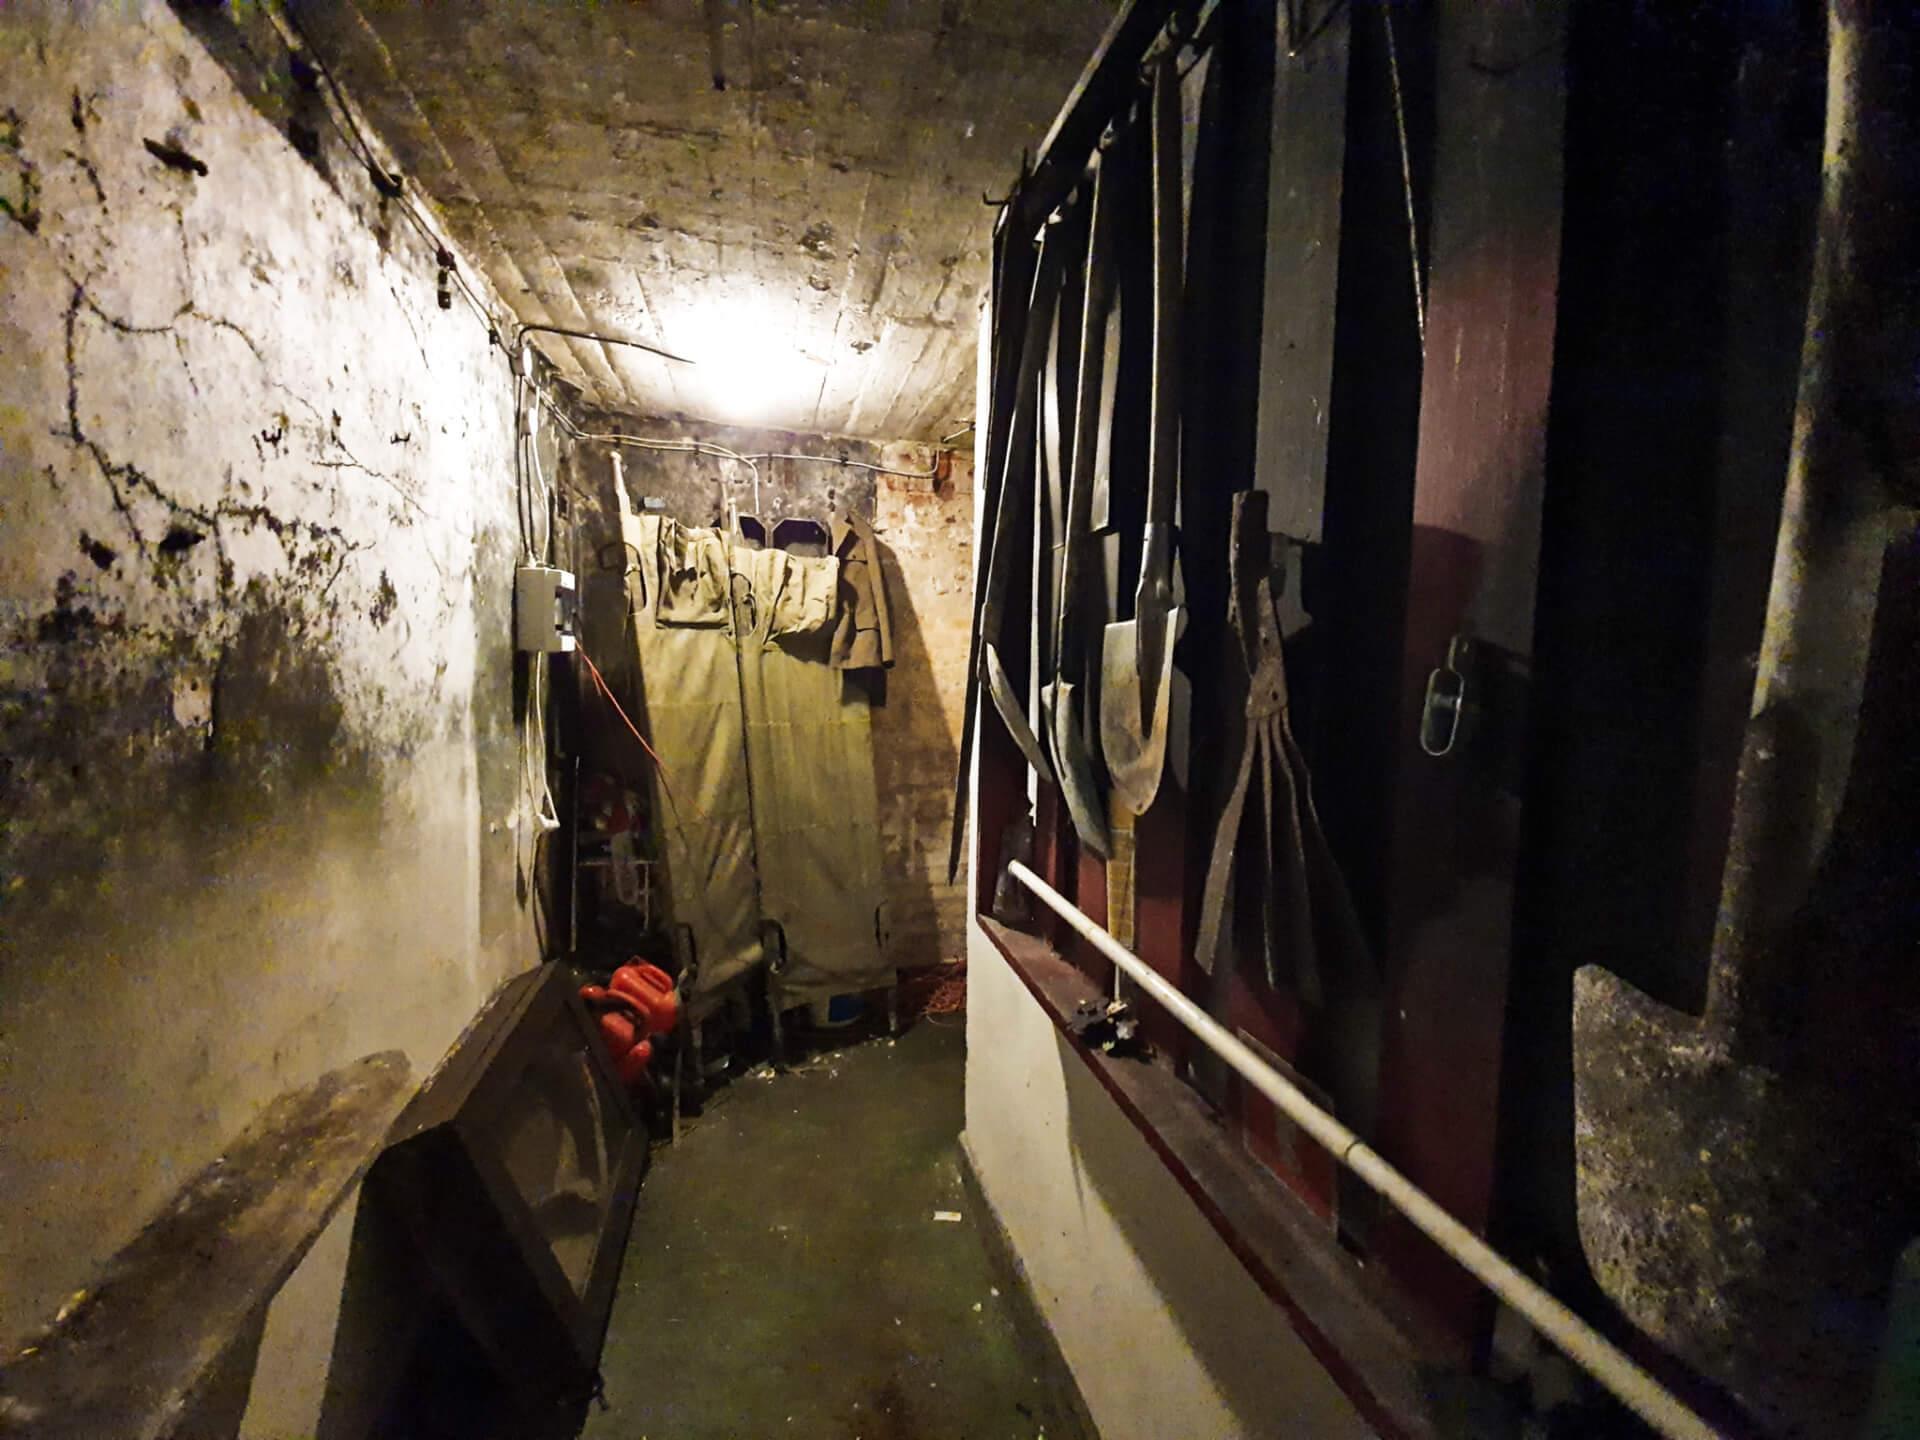 schron na brusie_pomieszczenia_wystawy_ekspozycja_mroczne tunele